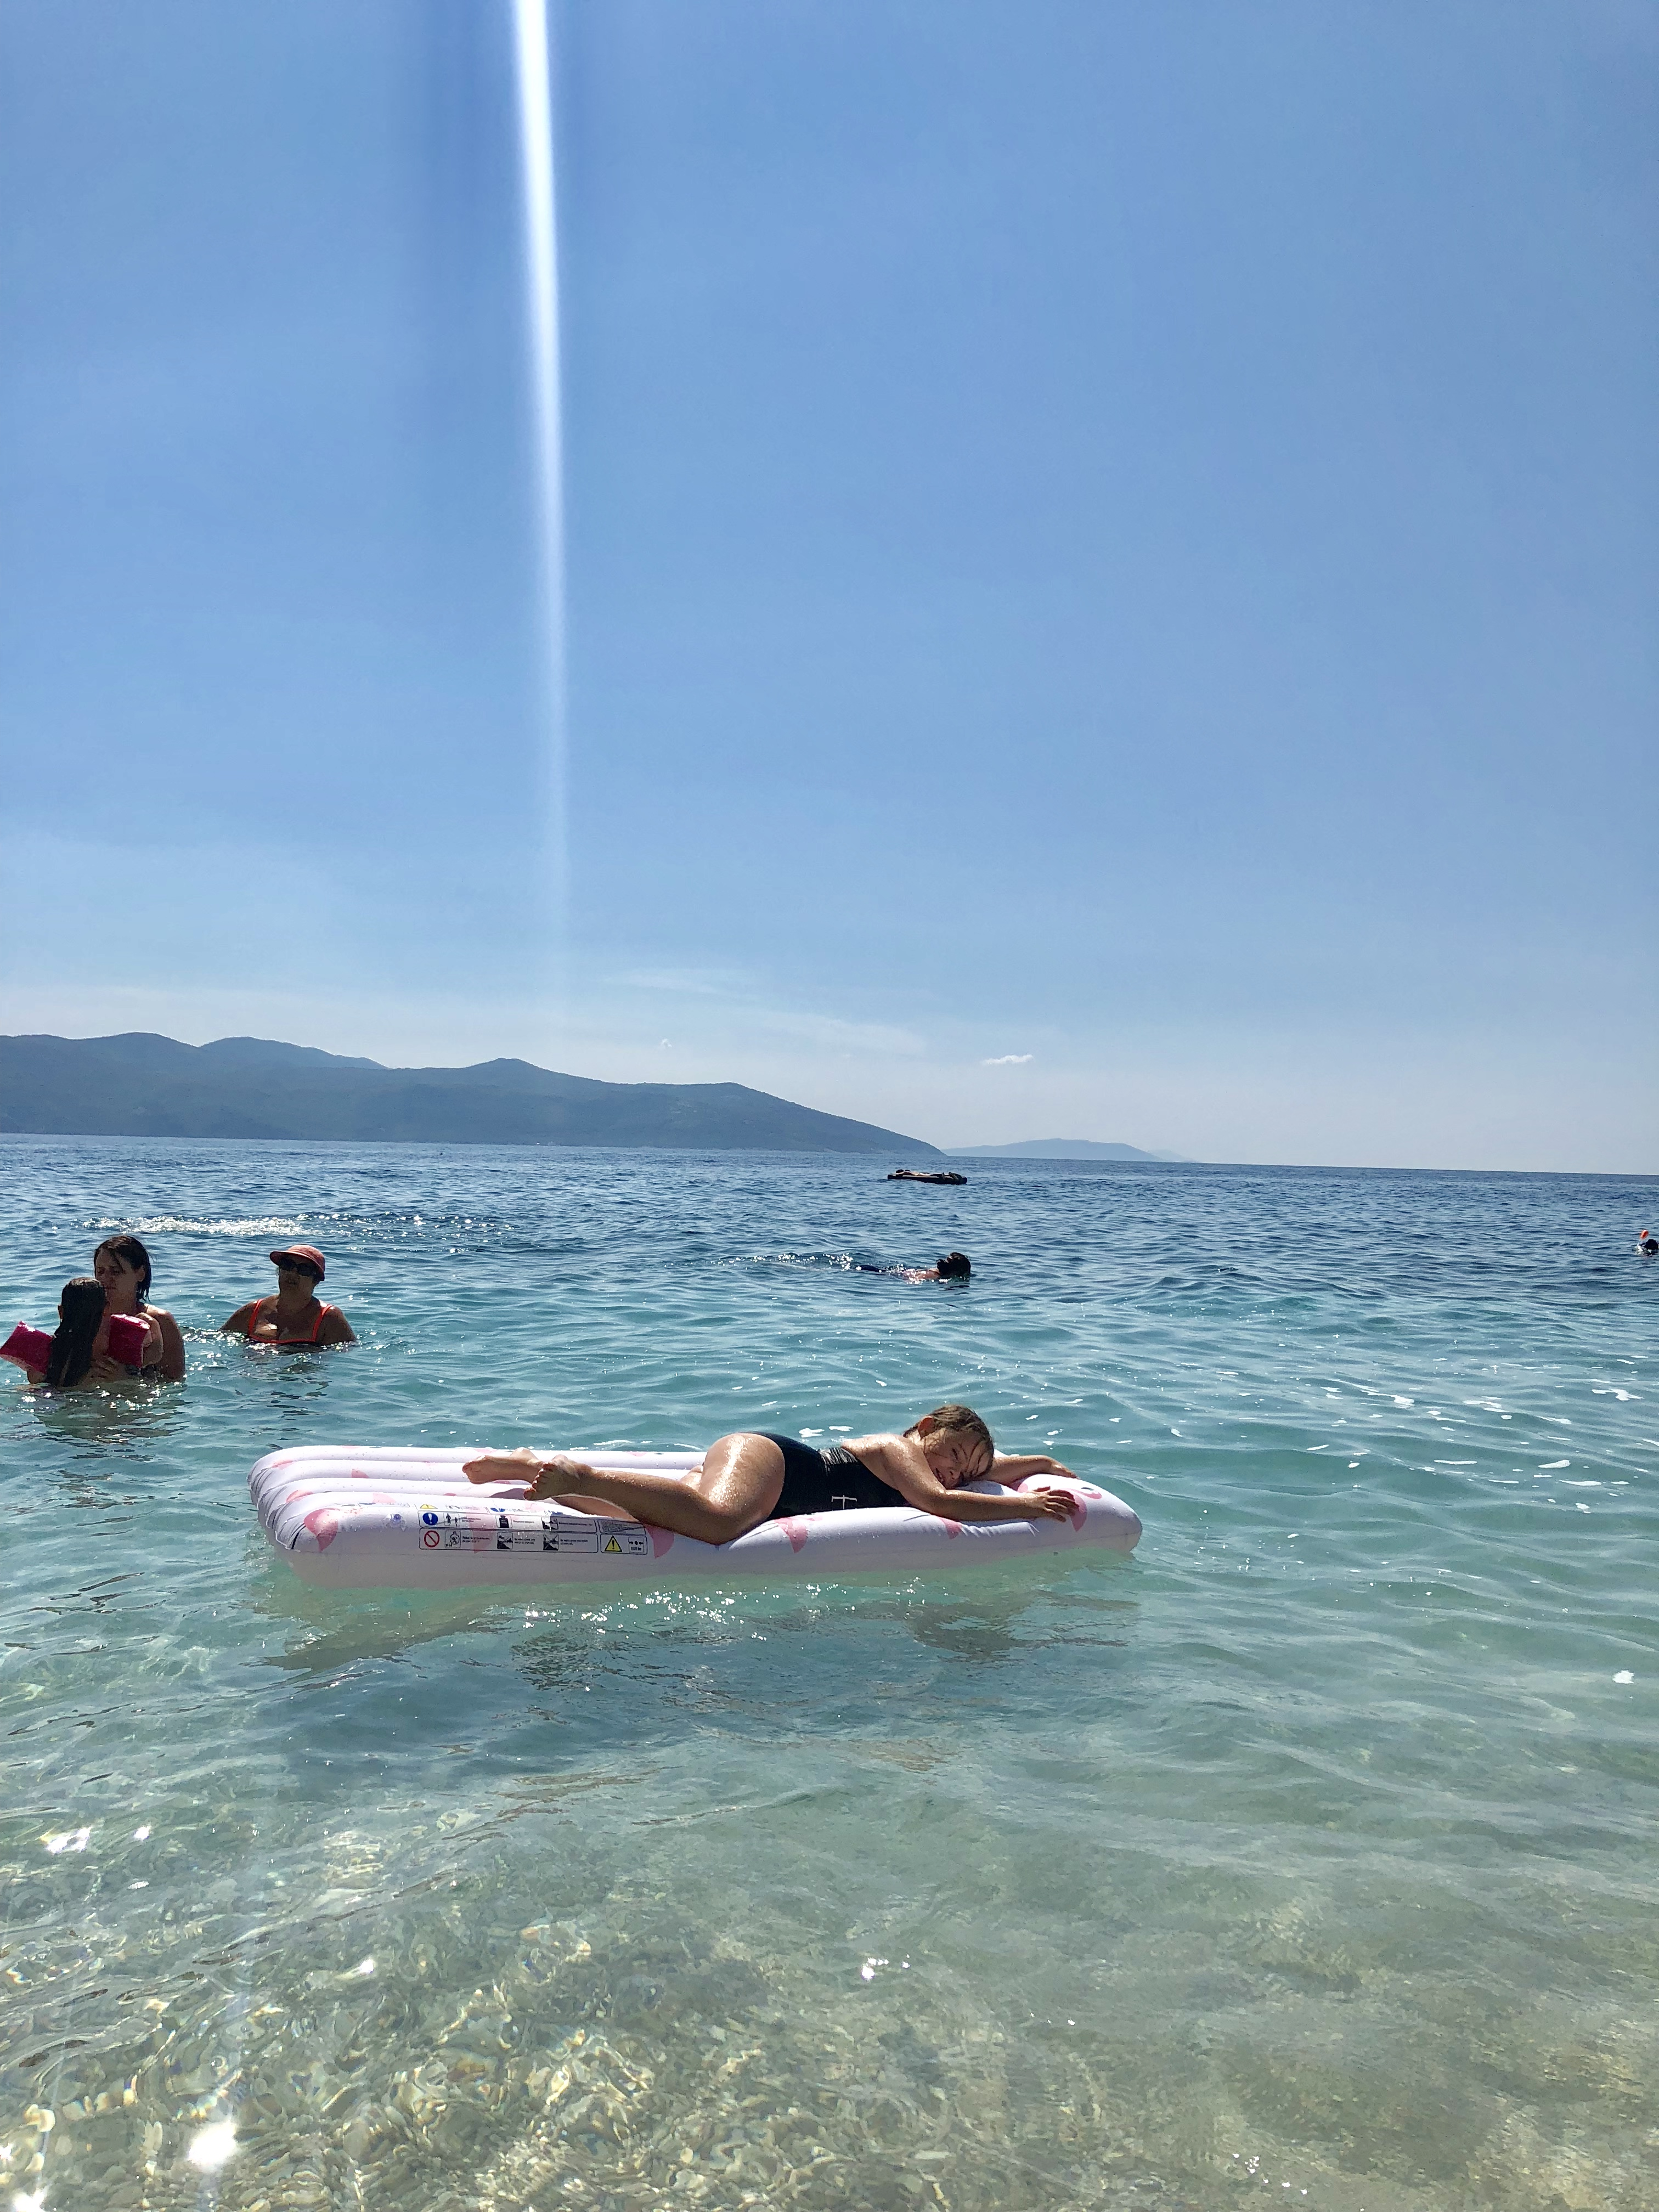 brseć chorwacja, croatia, chorwacja plaża, plaża